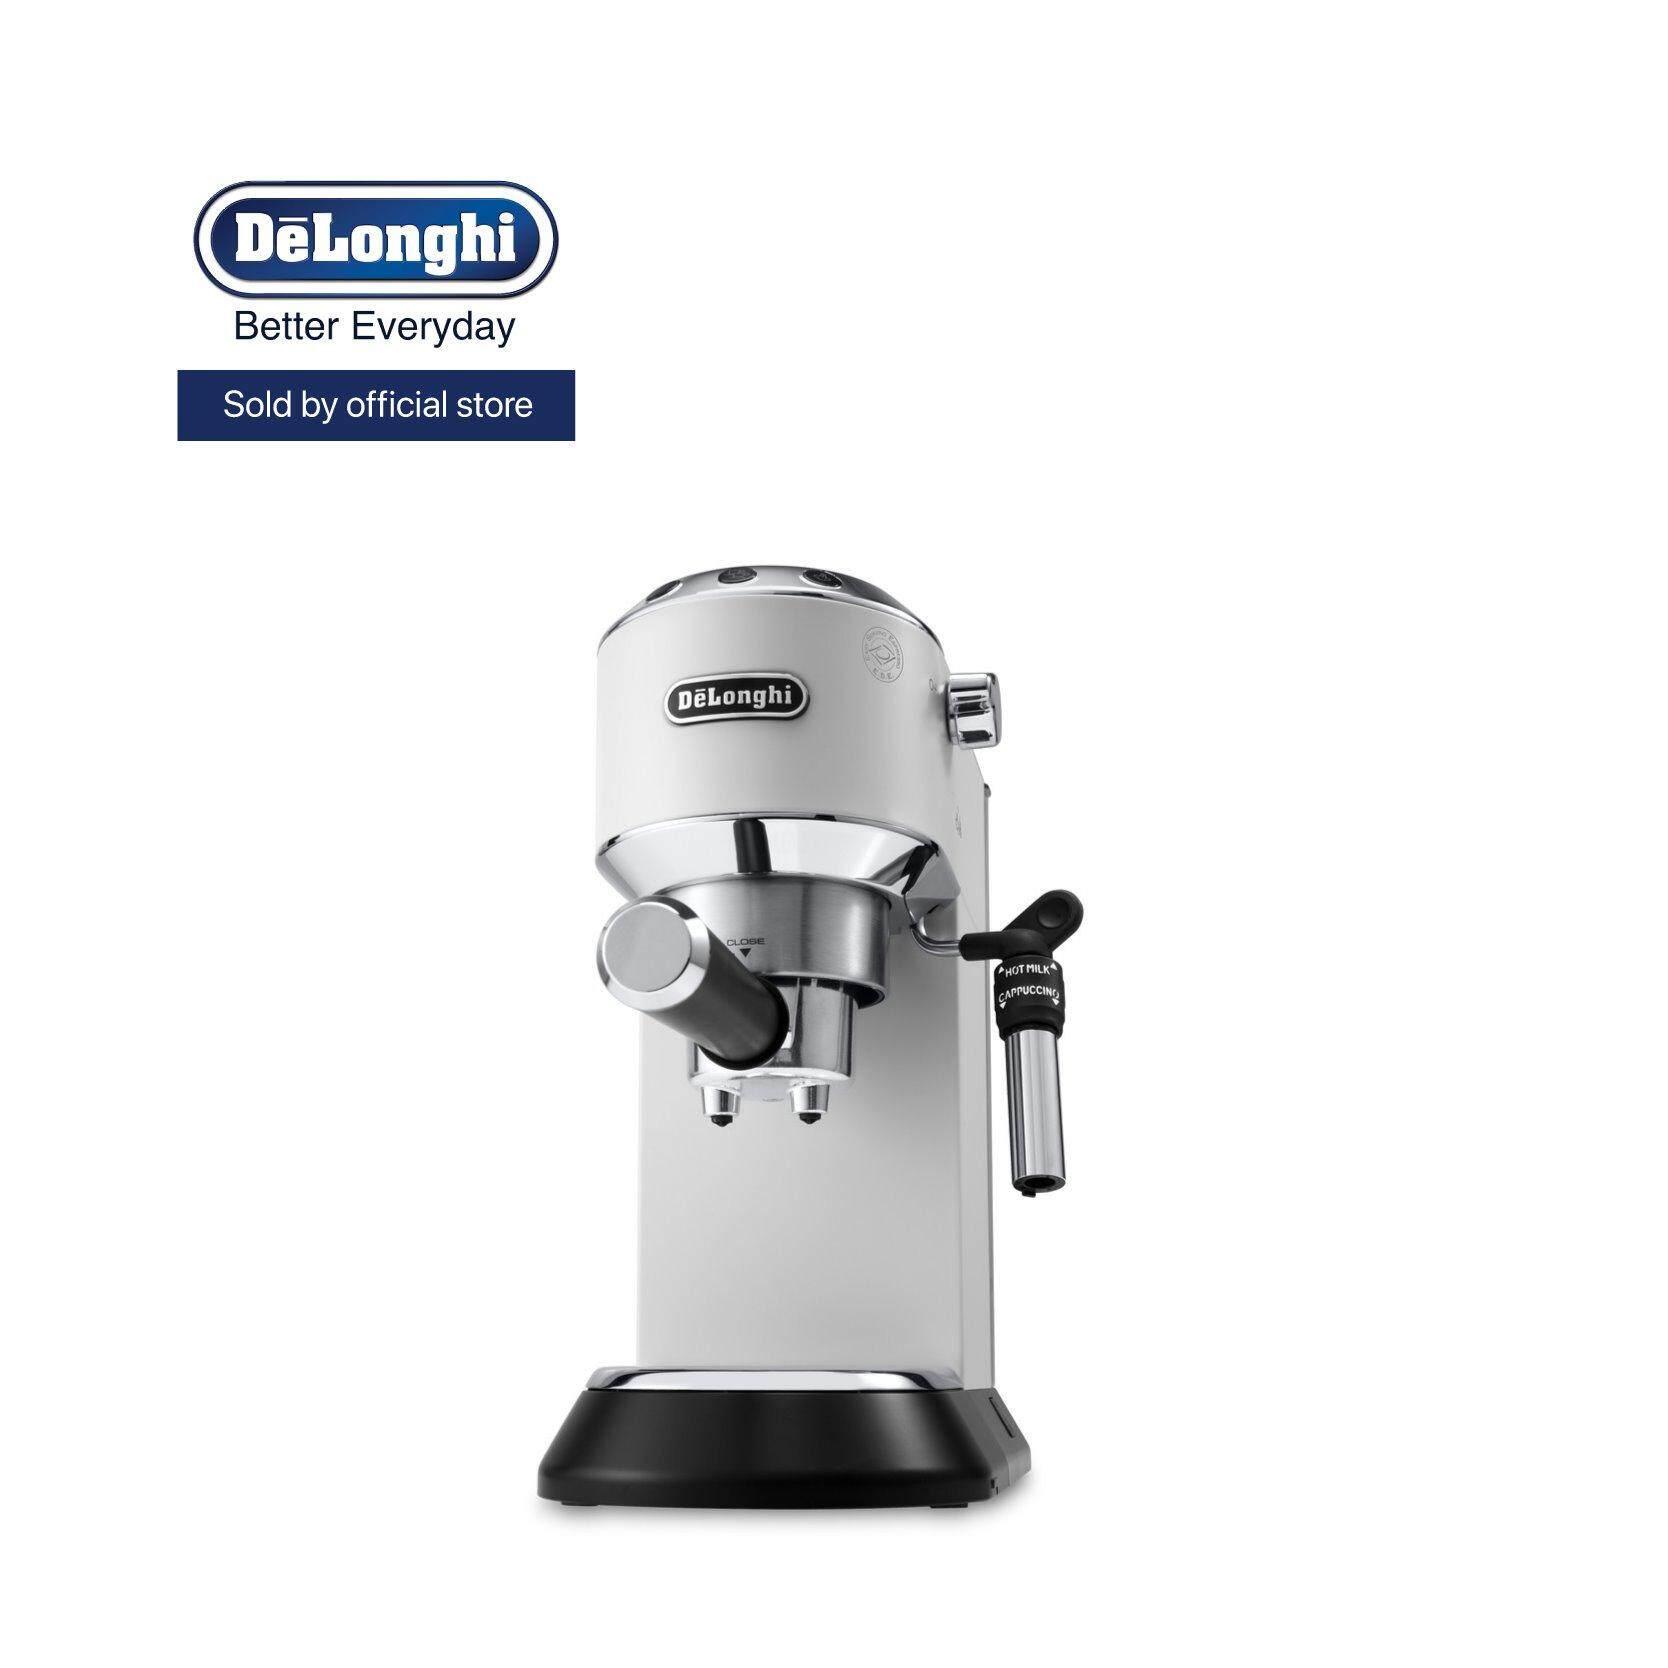 Delonghi Ec685 M Dedica Coffee Maker Mesin Kopi Espresso Silver Ec680 R Merah Dan W Pump